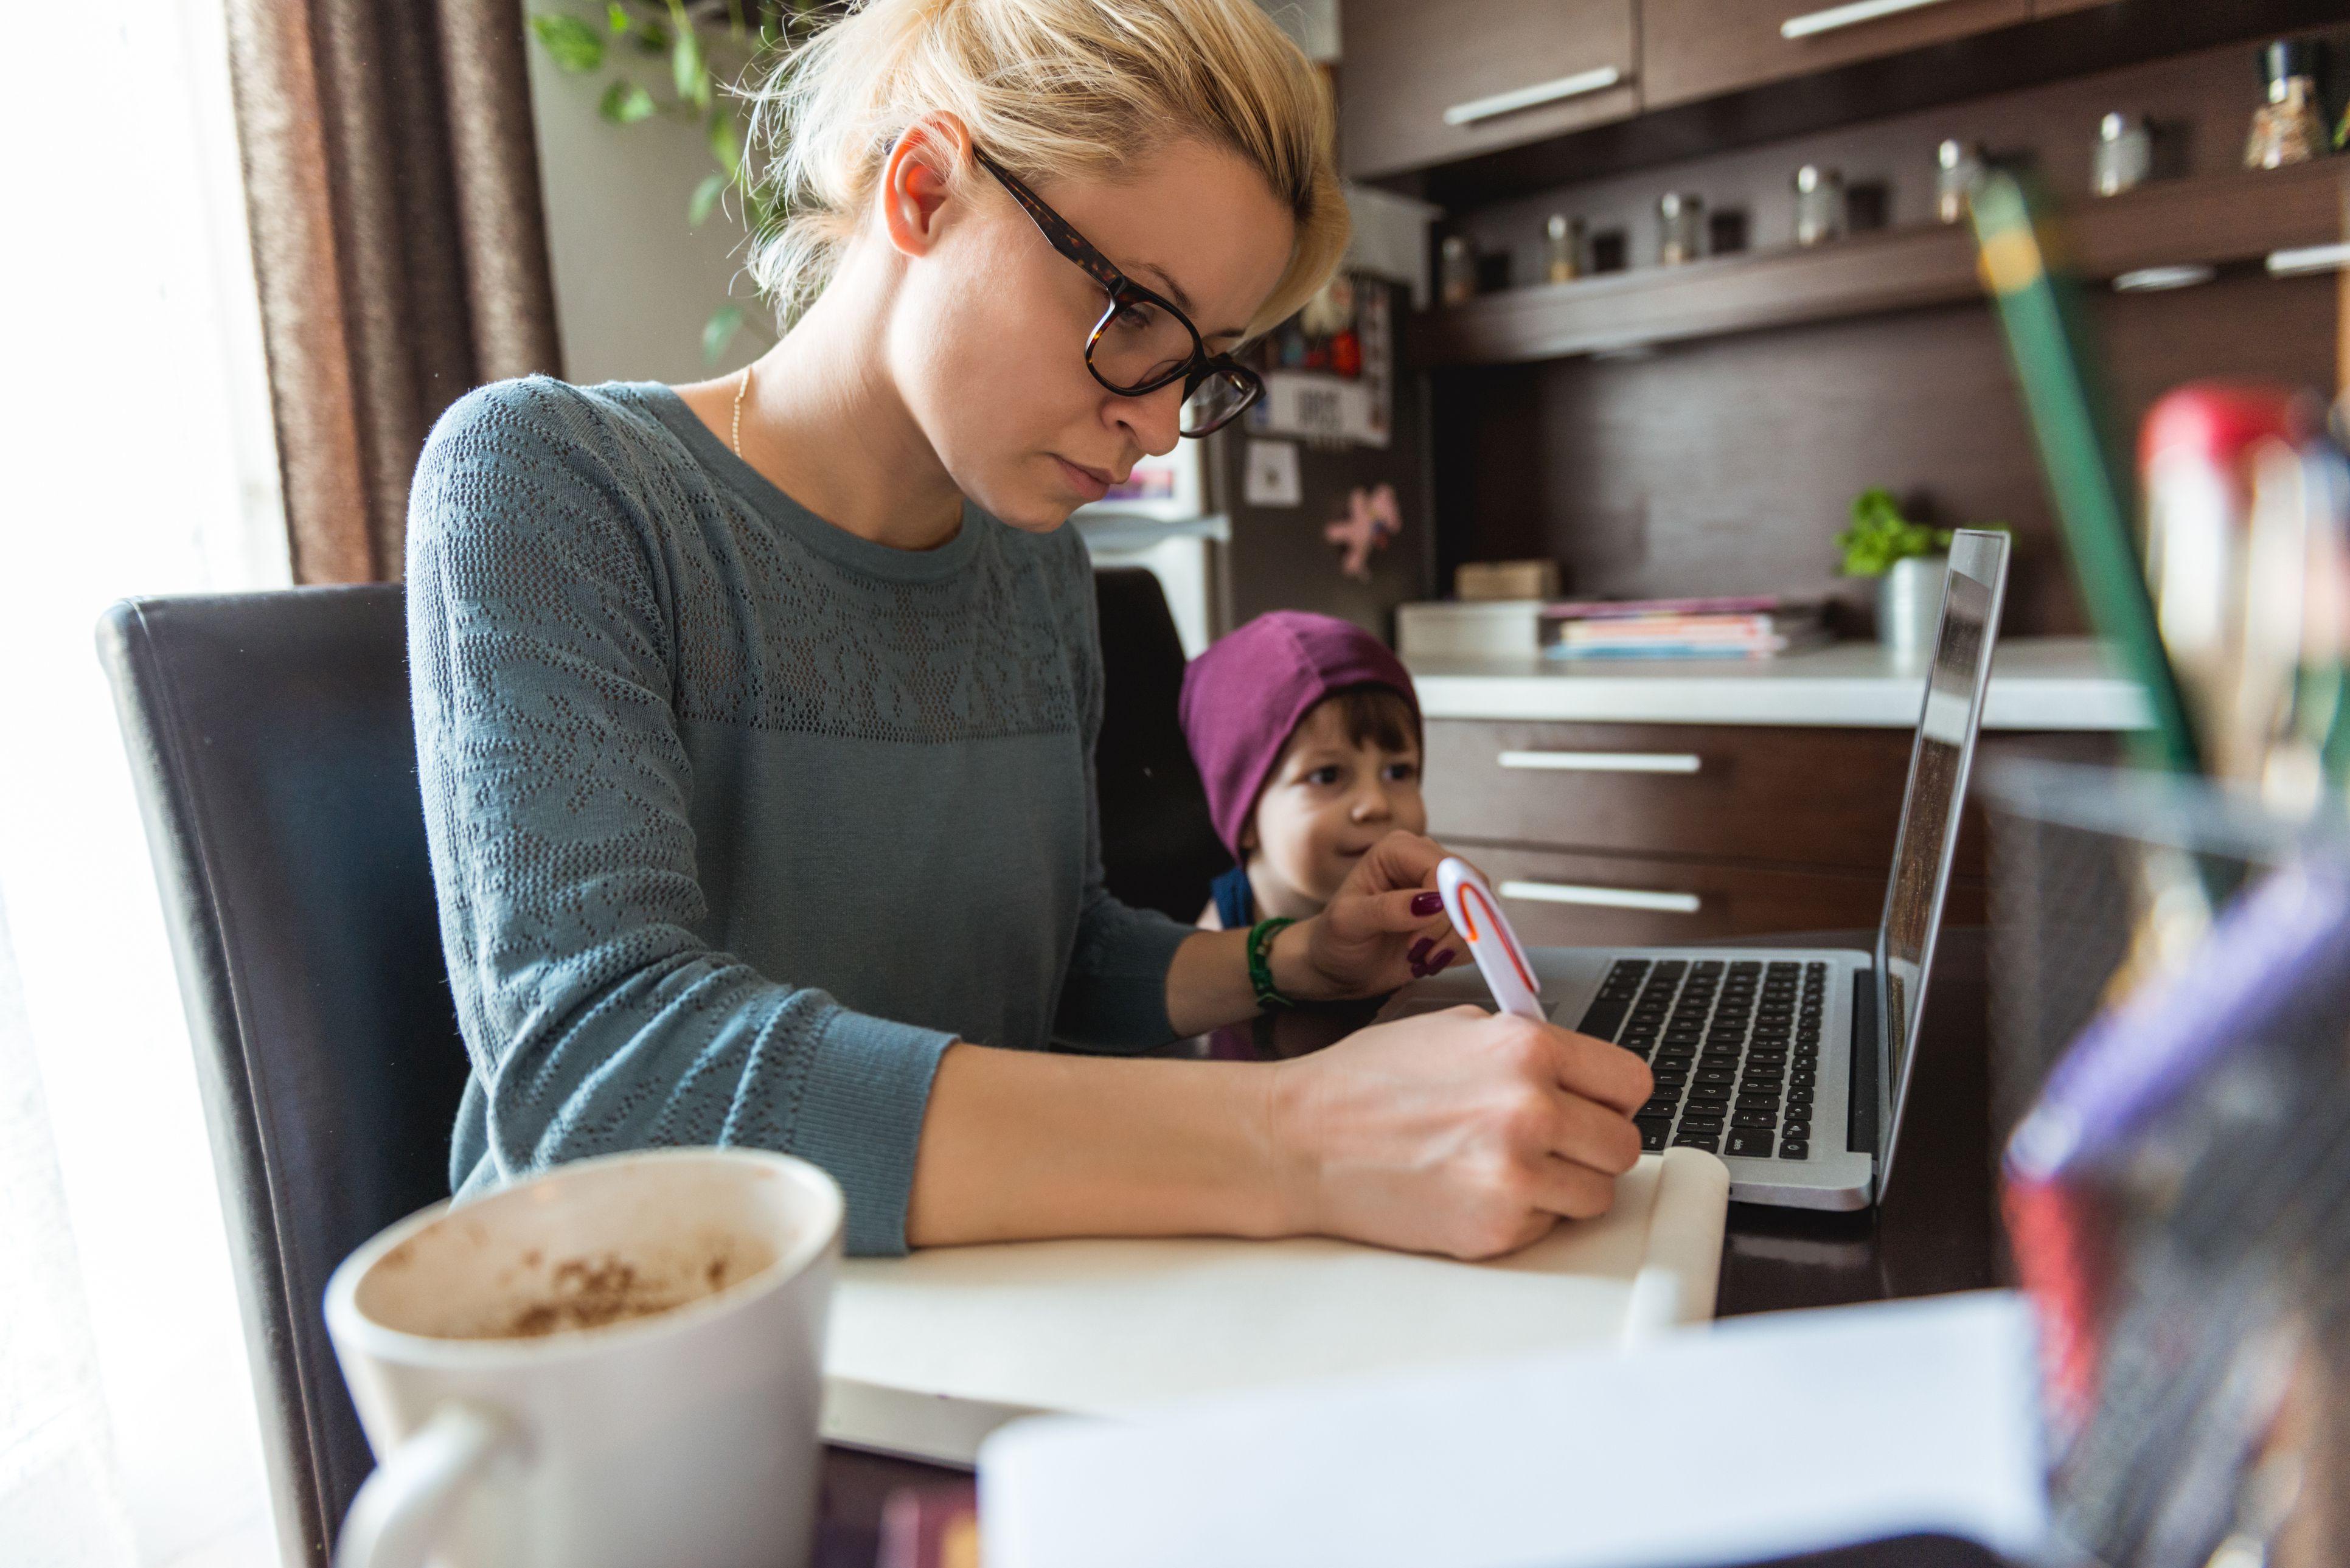 người phụ nữ làm việc với máy tính xách tay với một đứa trẻ bên cạnh cô ấy